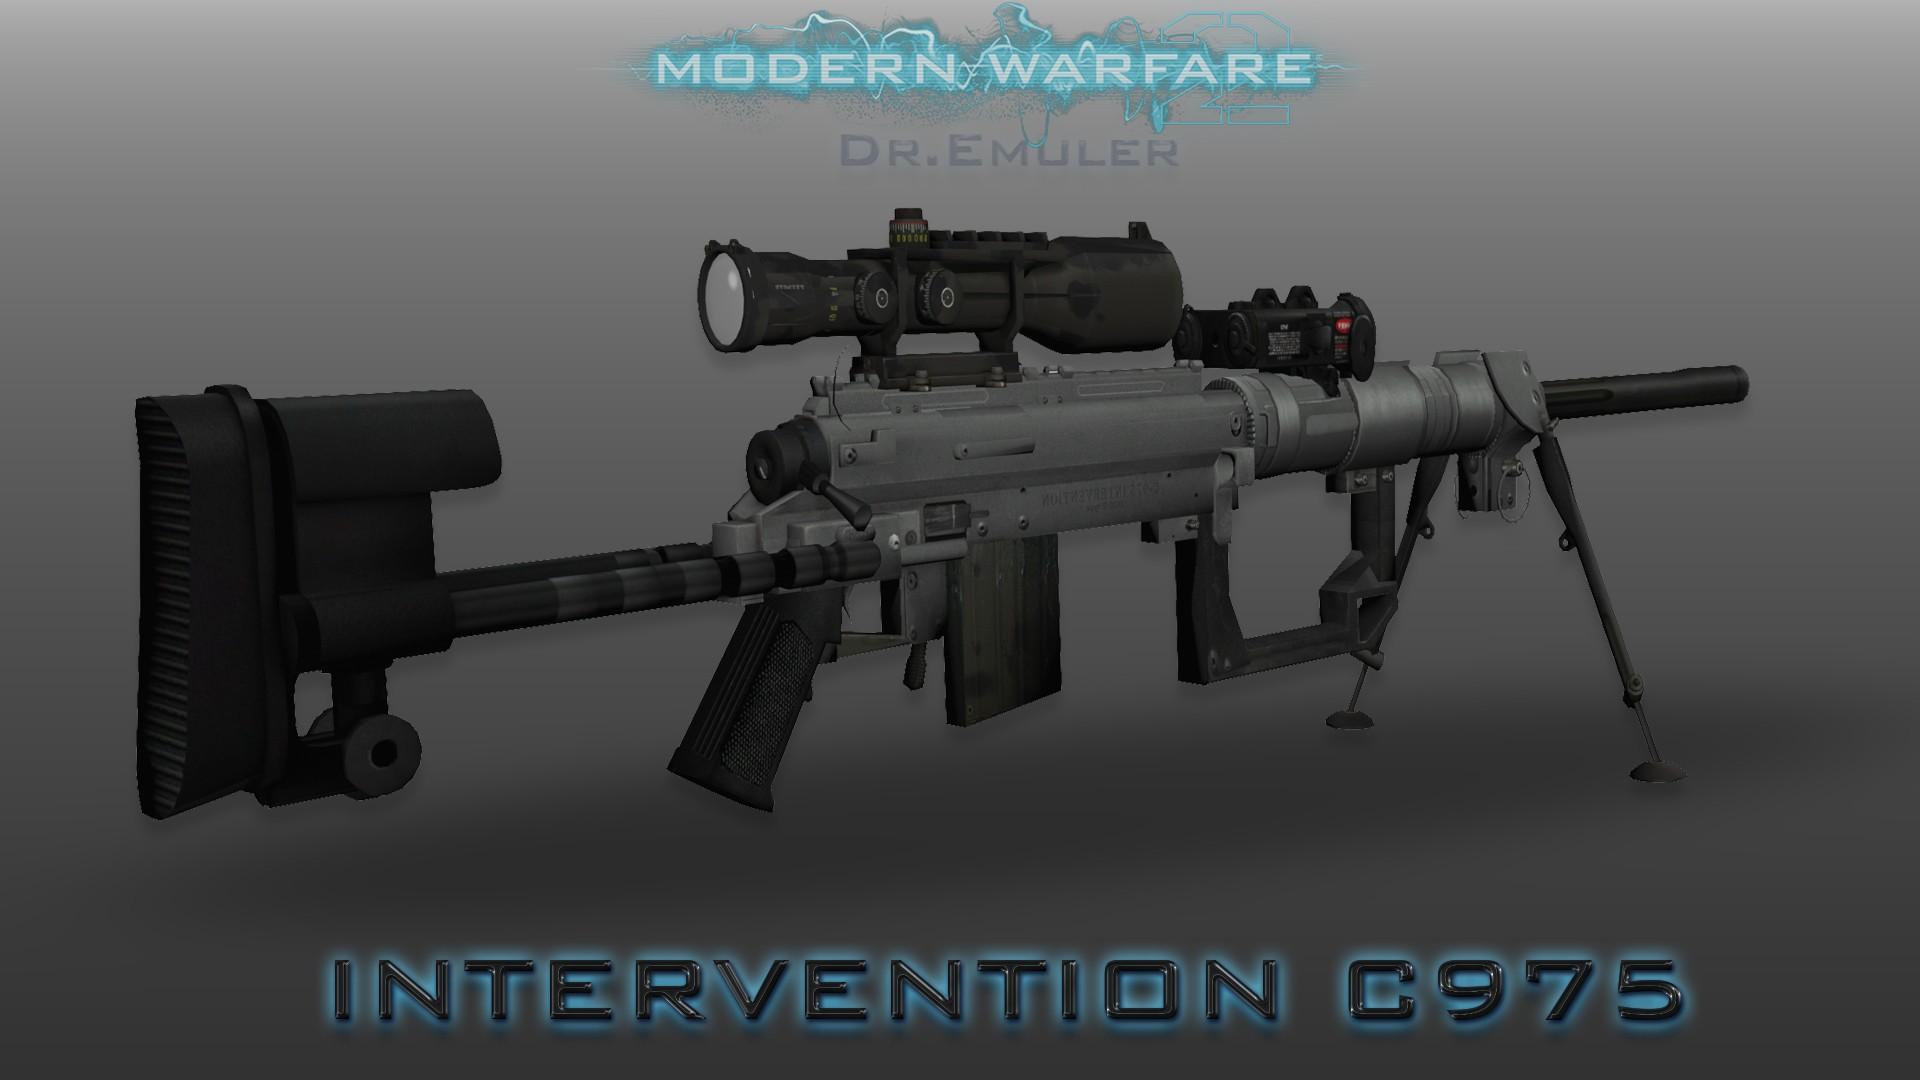 Intervention C975 COD MW2  Interv10